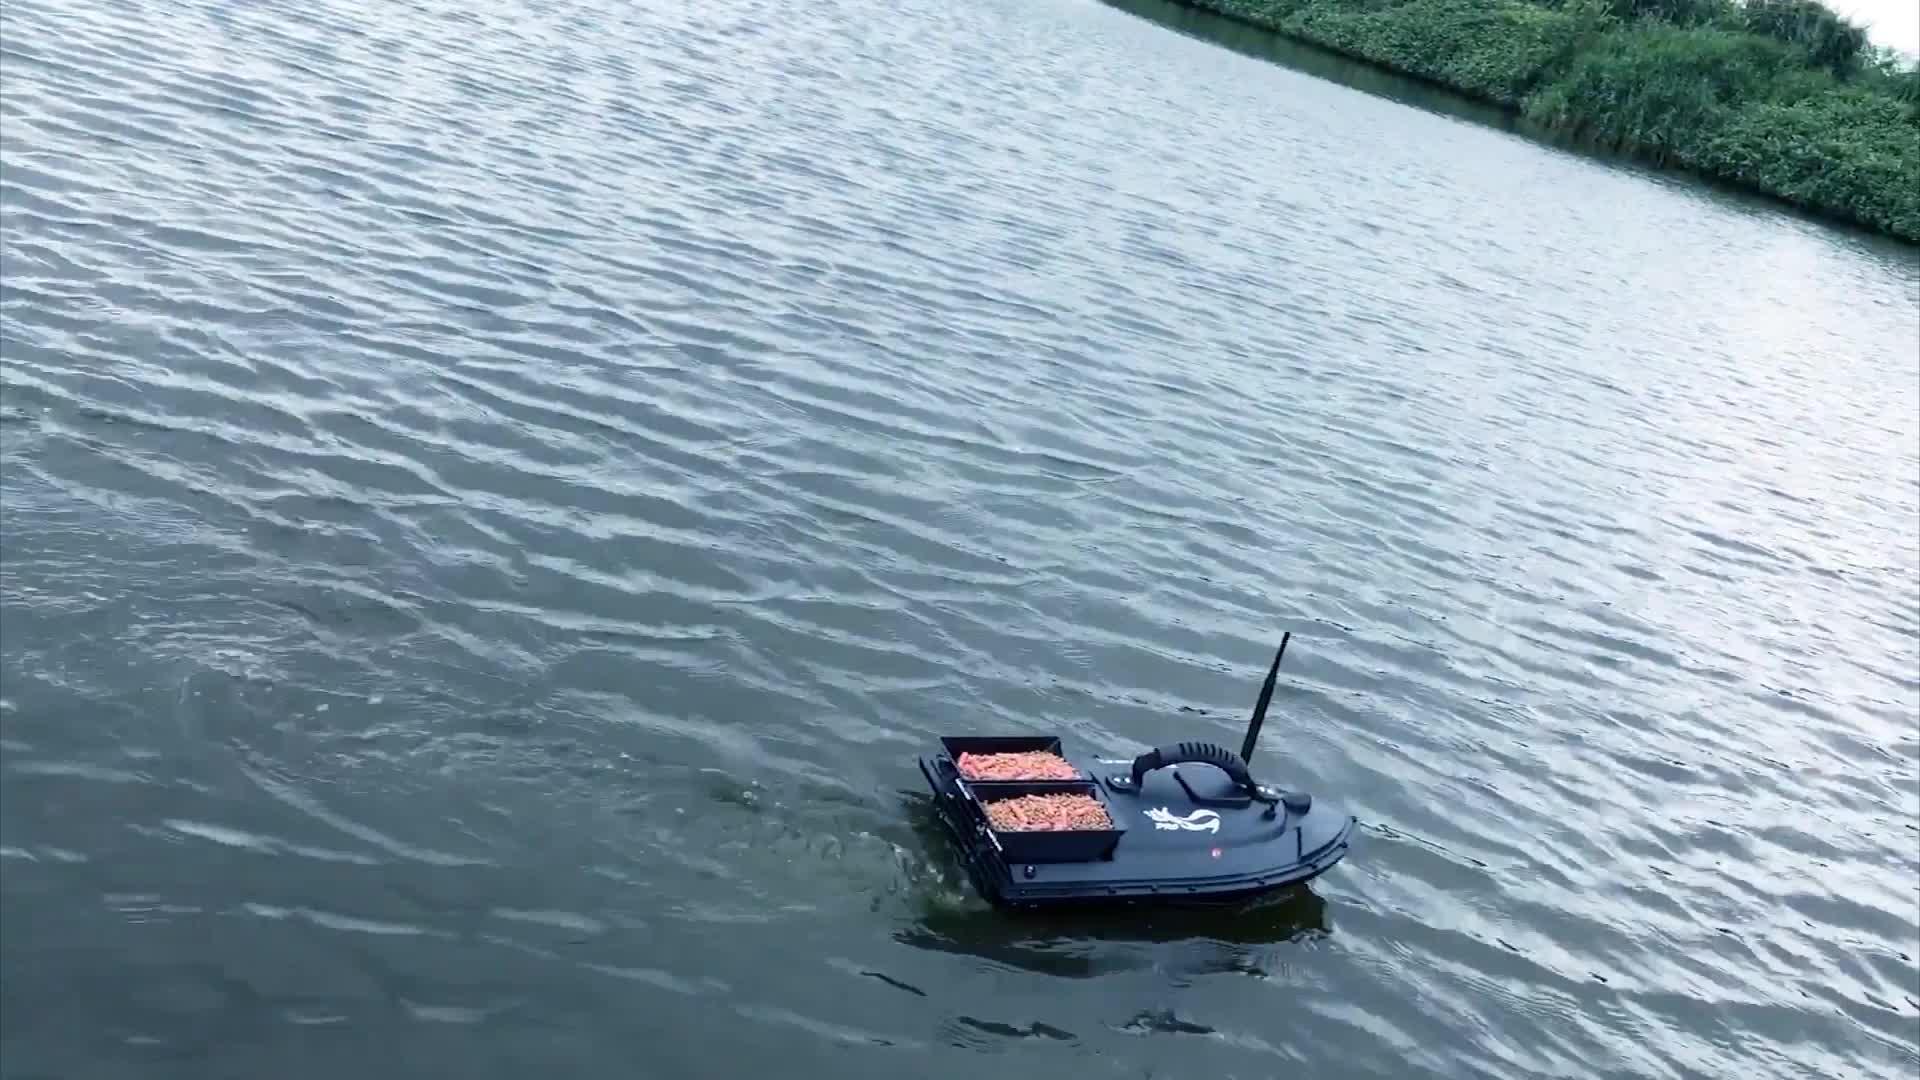 Flytec atualizado v500 rc isca de pesca com controle remoto de 500 m e controlador de função completa para pesca de entrega inteligente